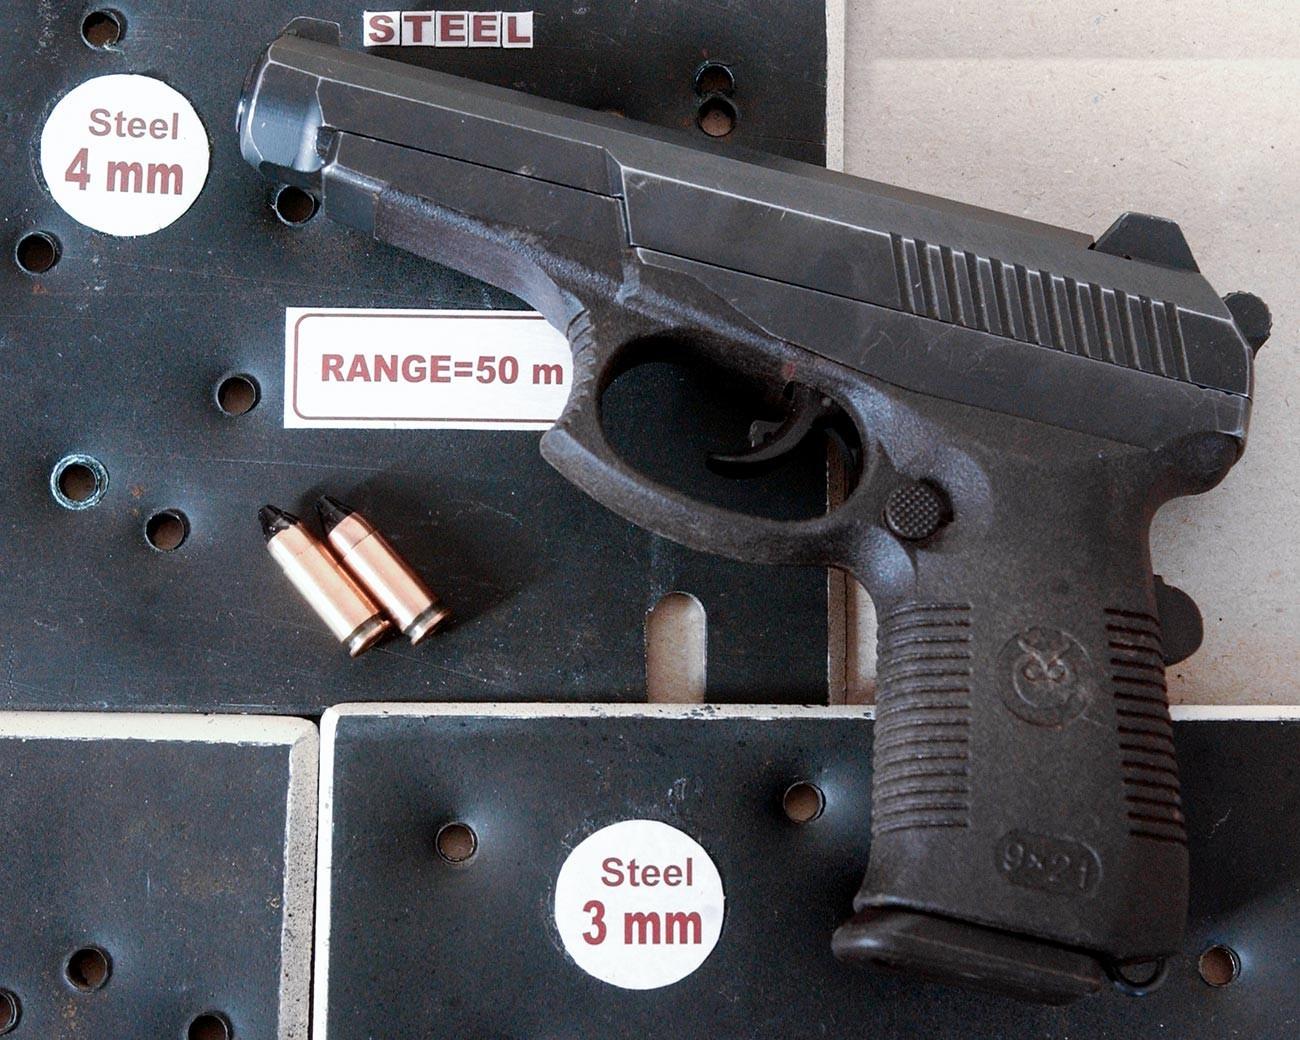 Пиштолот СР-1 (дизајниран во Централниот научноистражувачки институт за прецизно машинство). Во позадина се гледаат челични плочи со дупки што ги имаат направено куршумите од овој пиштол.